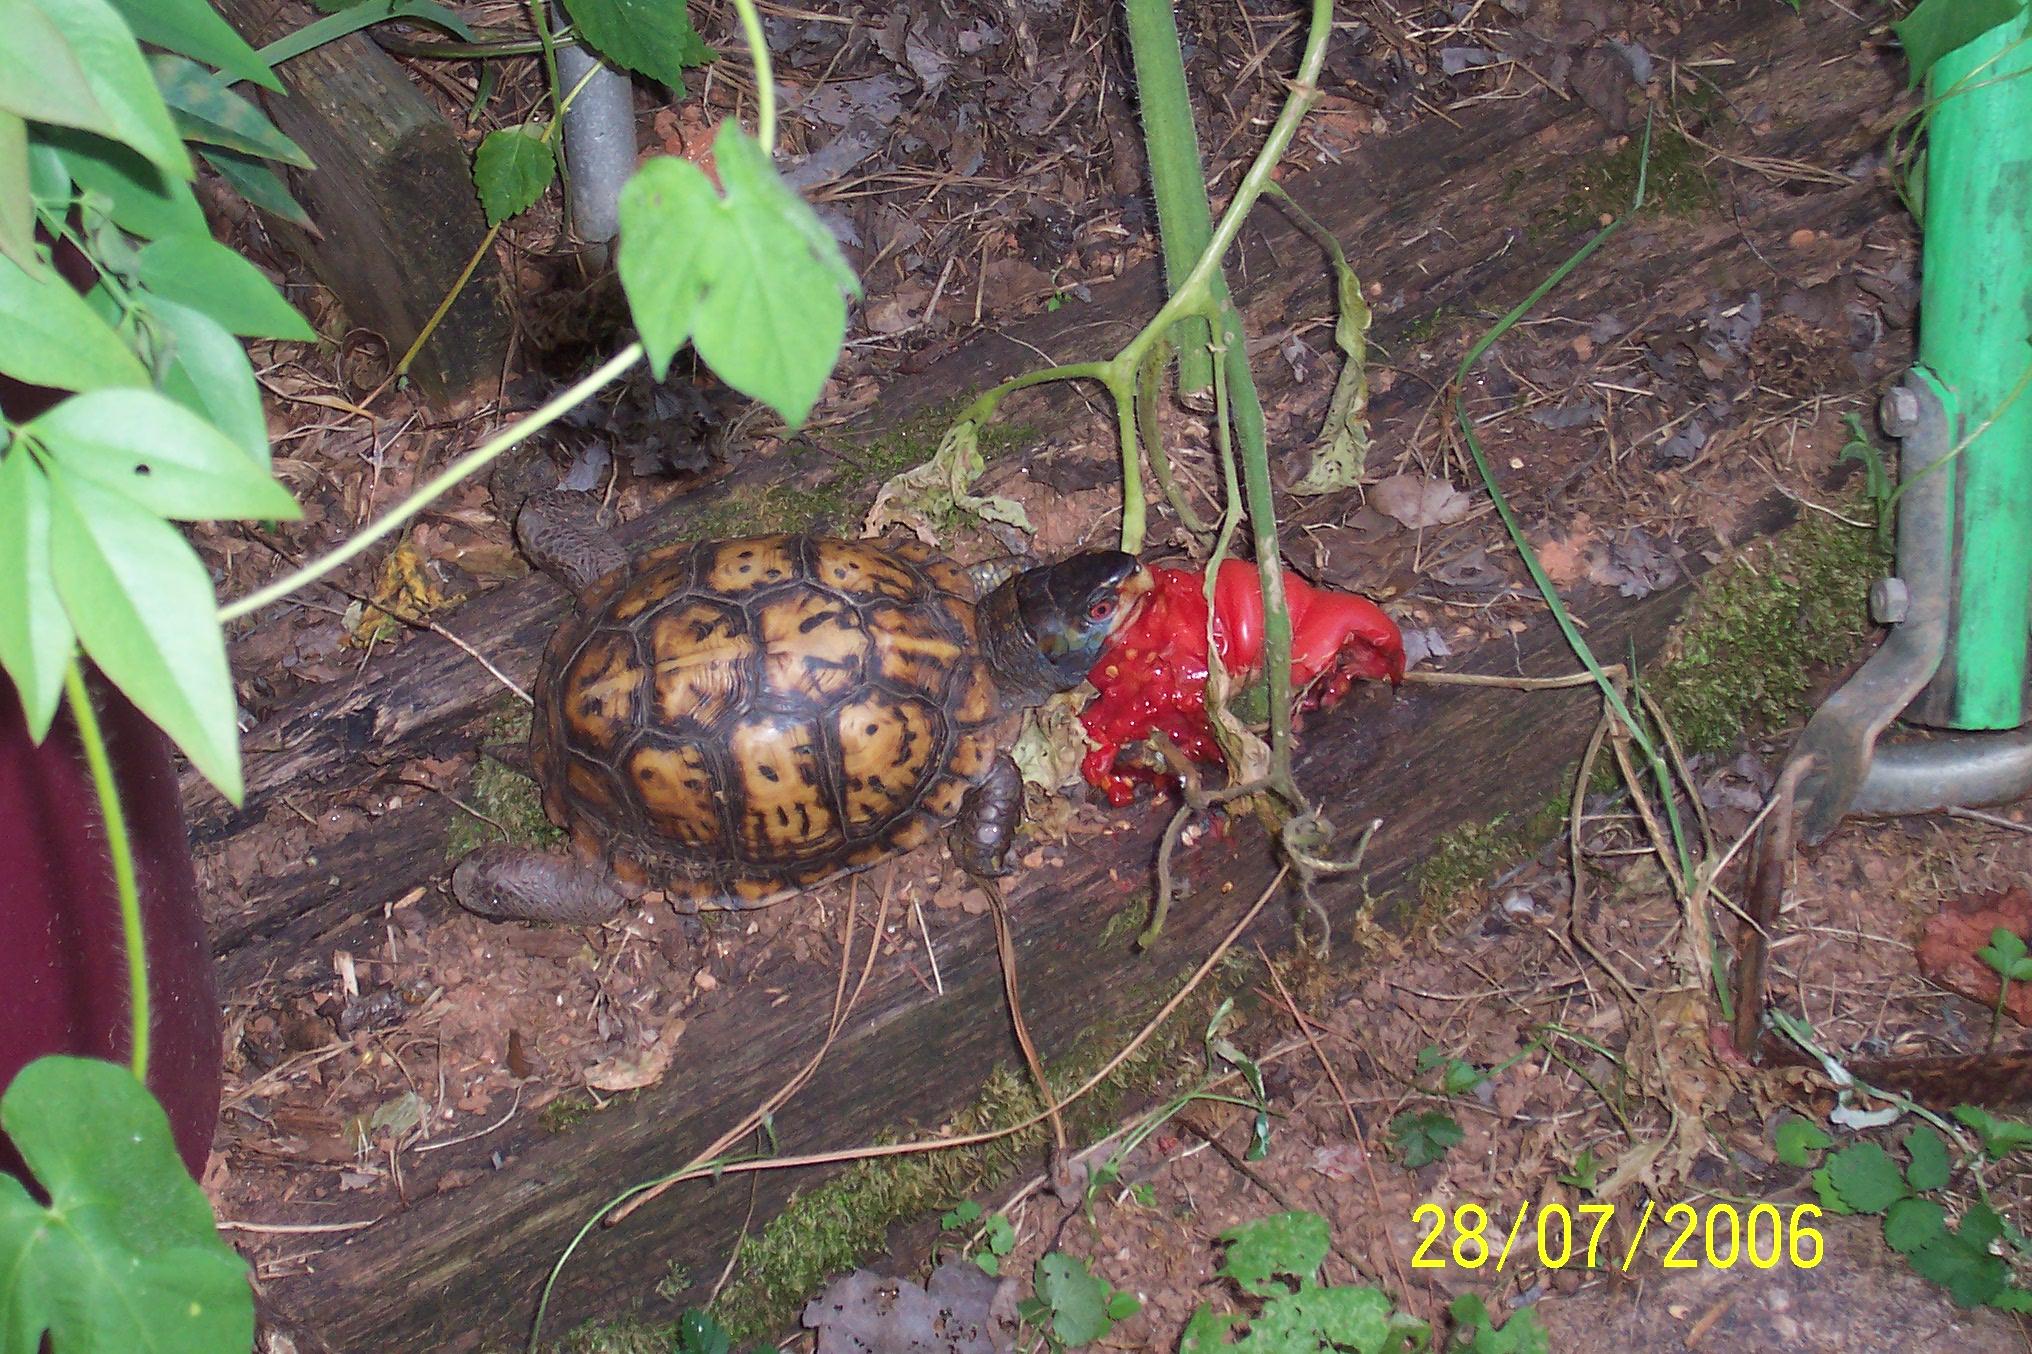 turtle eating tomato 3